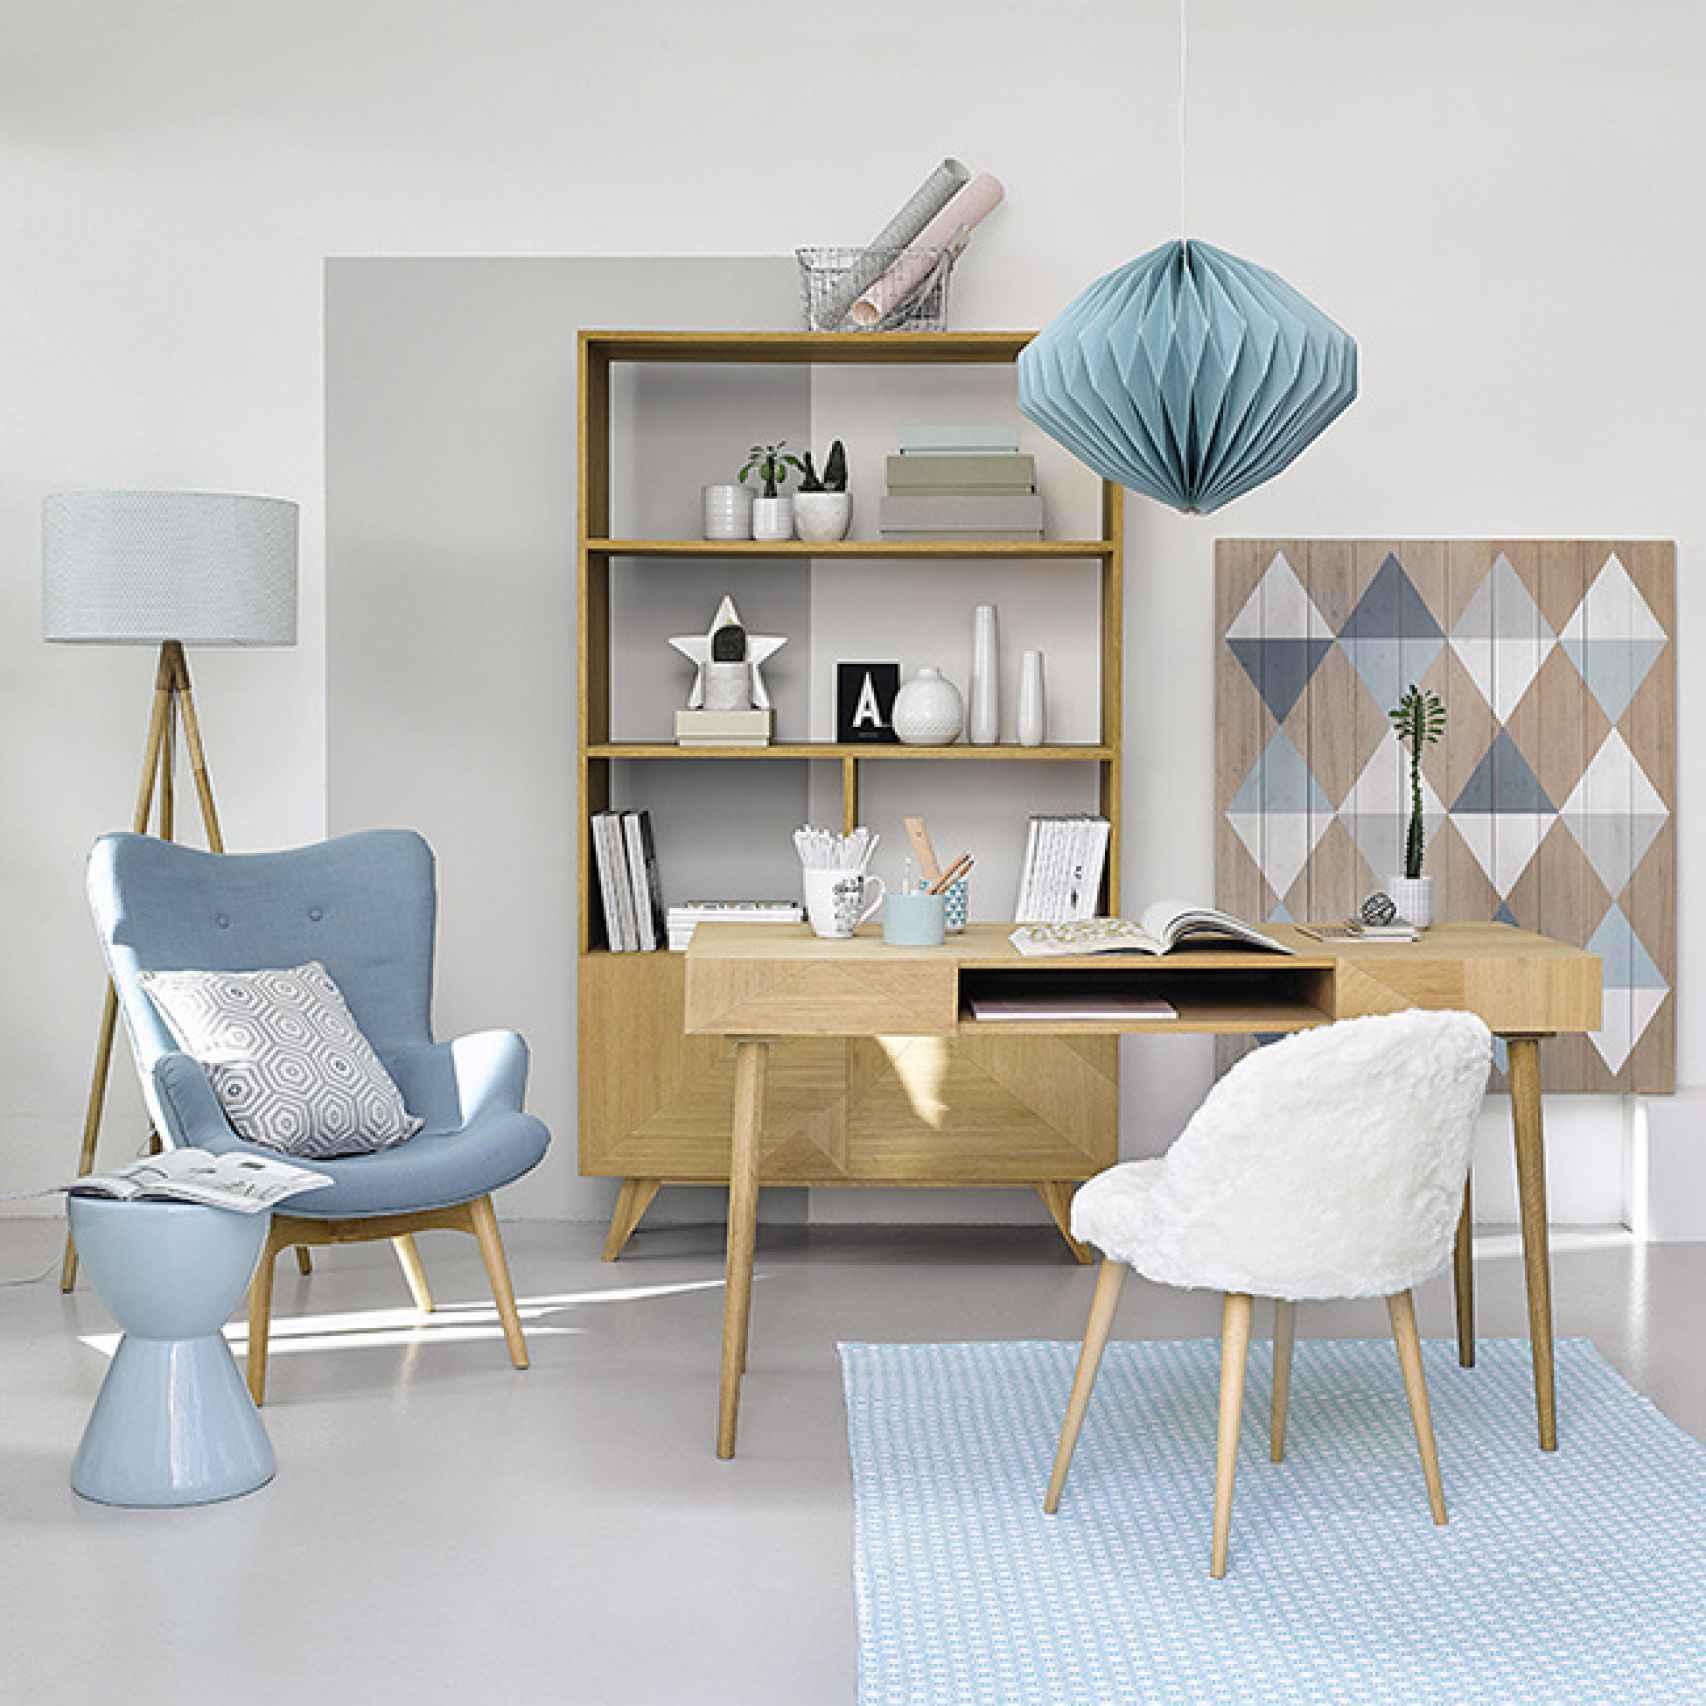 Los colores fríos, como el azul y el gris, transmiten tranquilidad. Foto: Maisons du Monde.